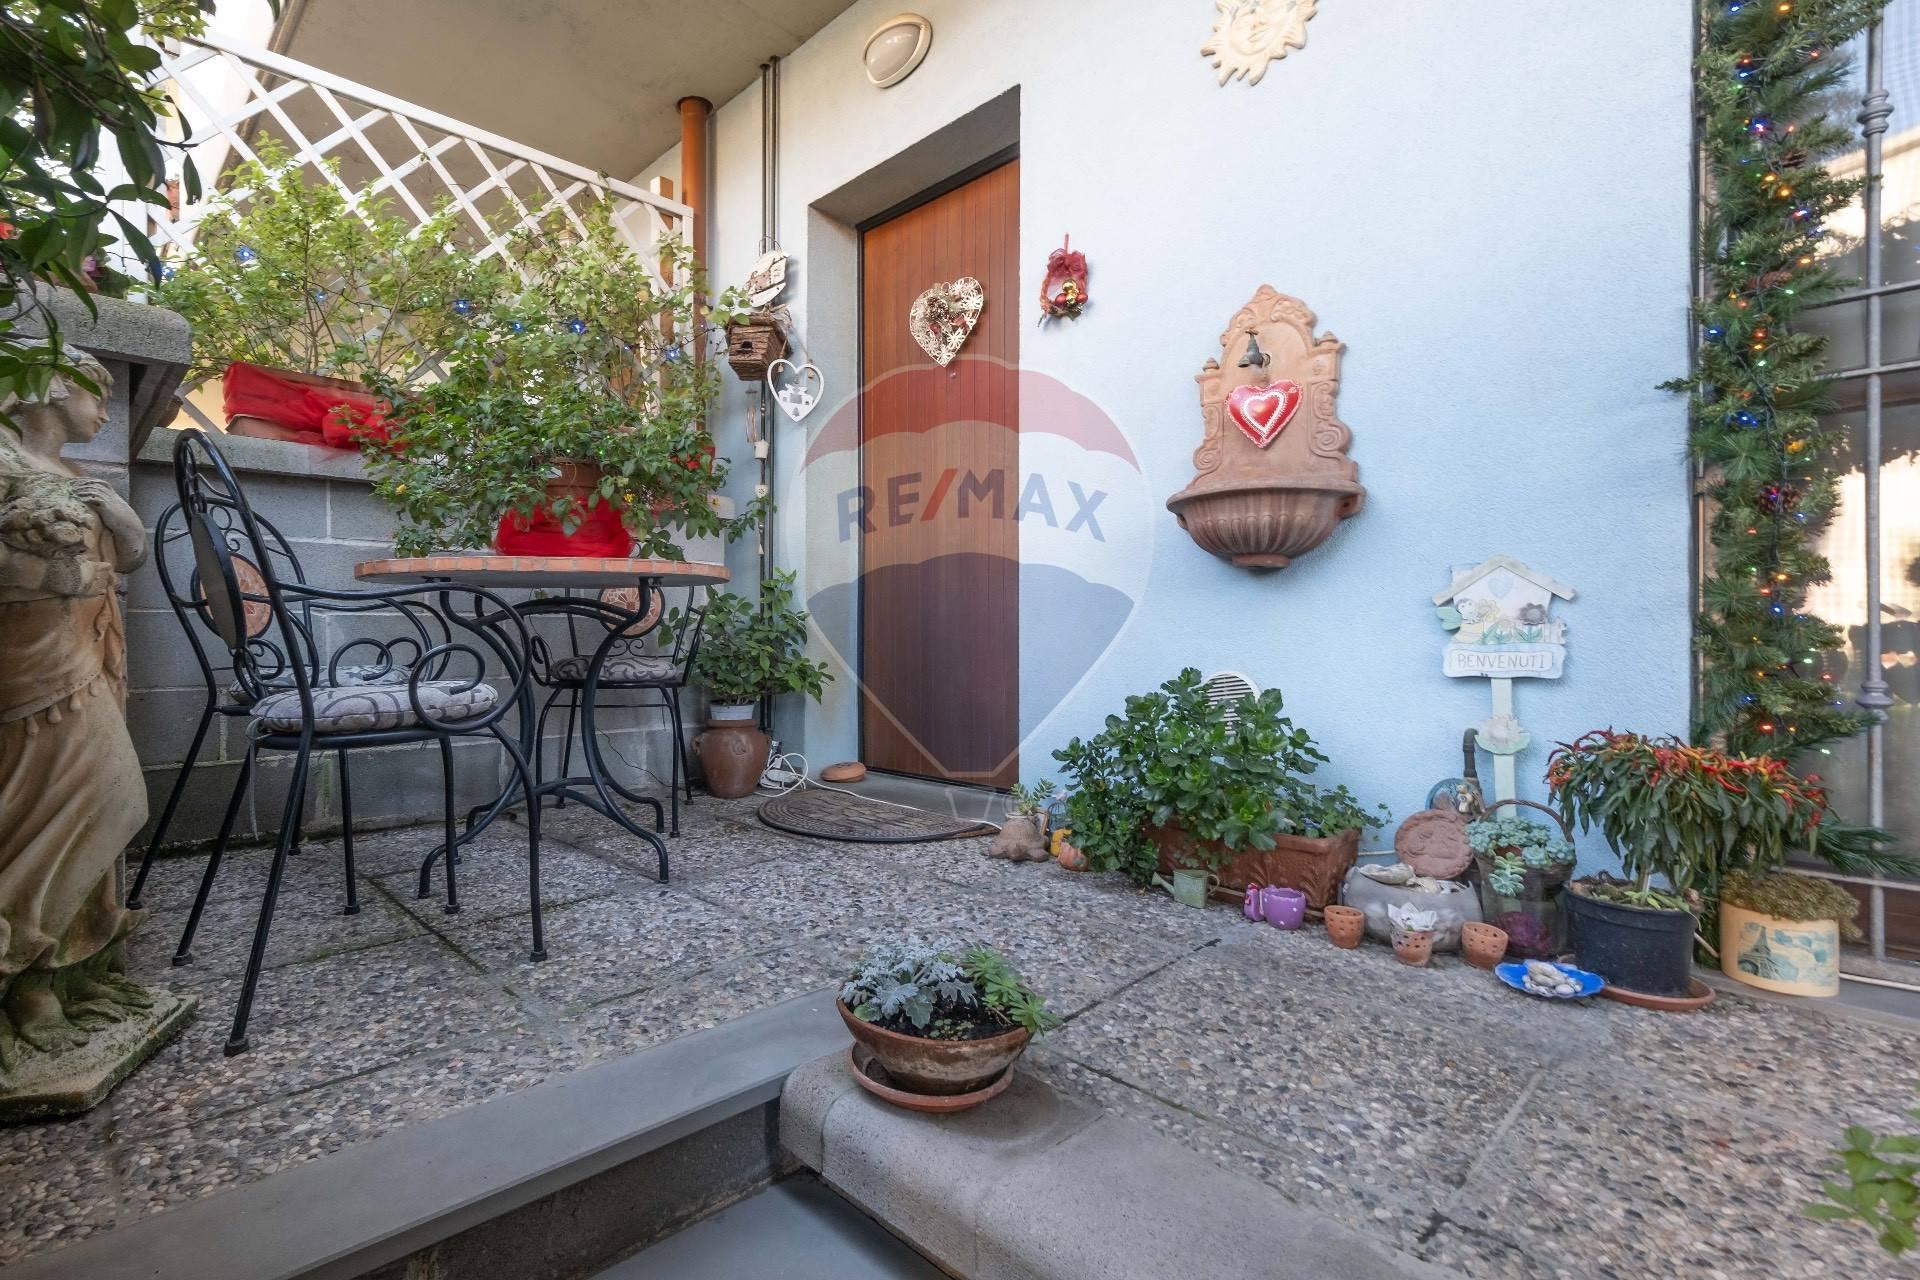 viareggio vendita quart: terminetto re-max-quality-house